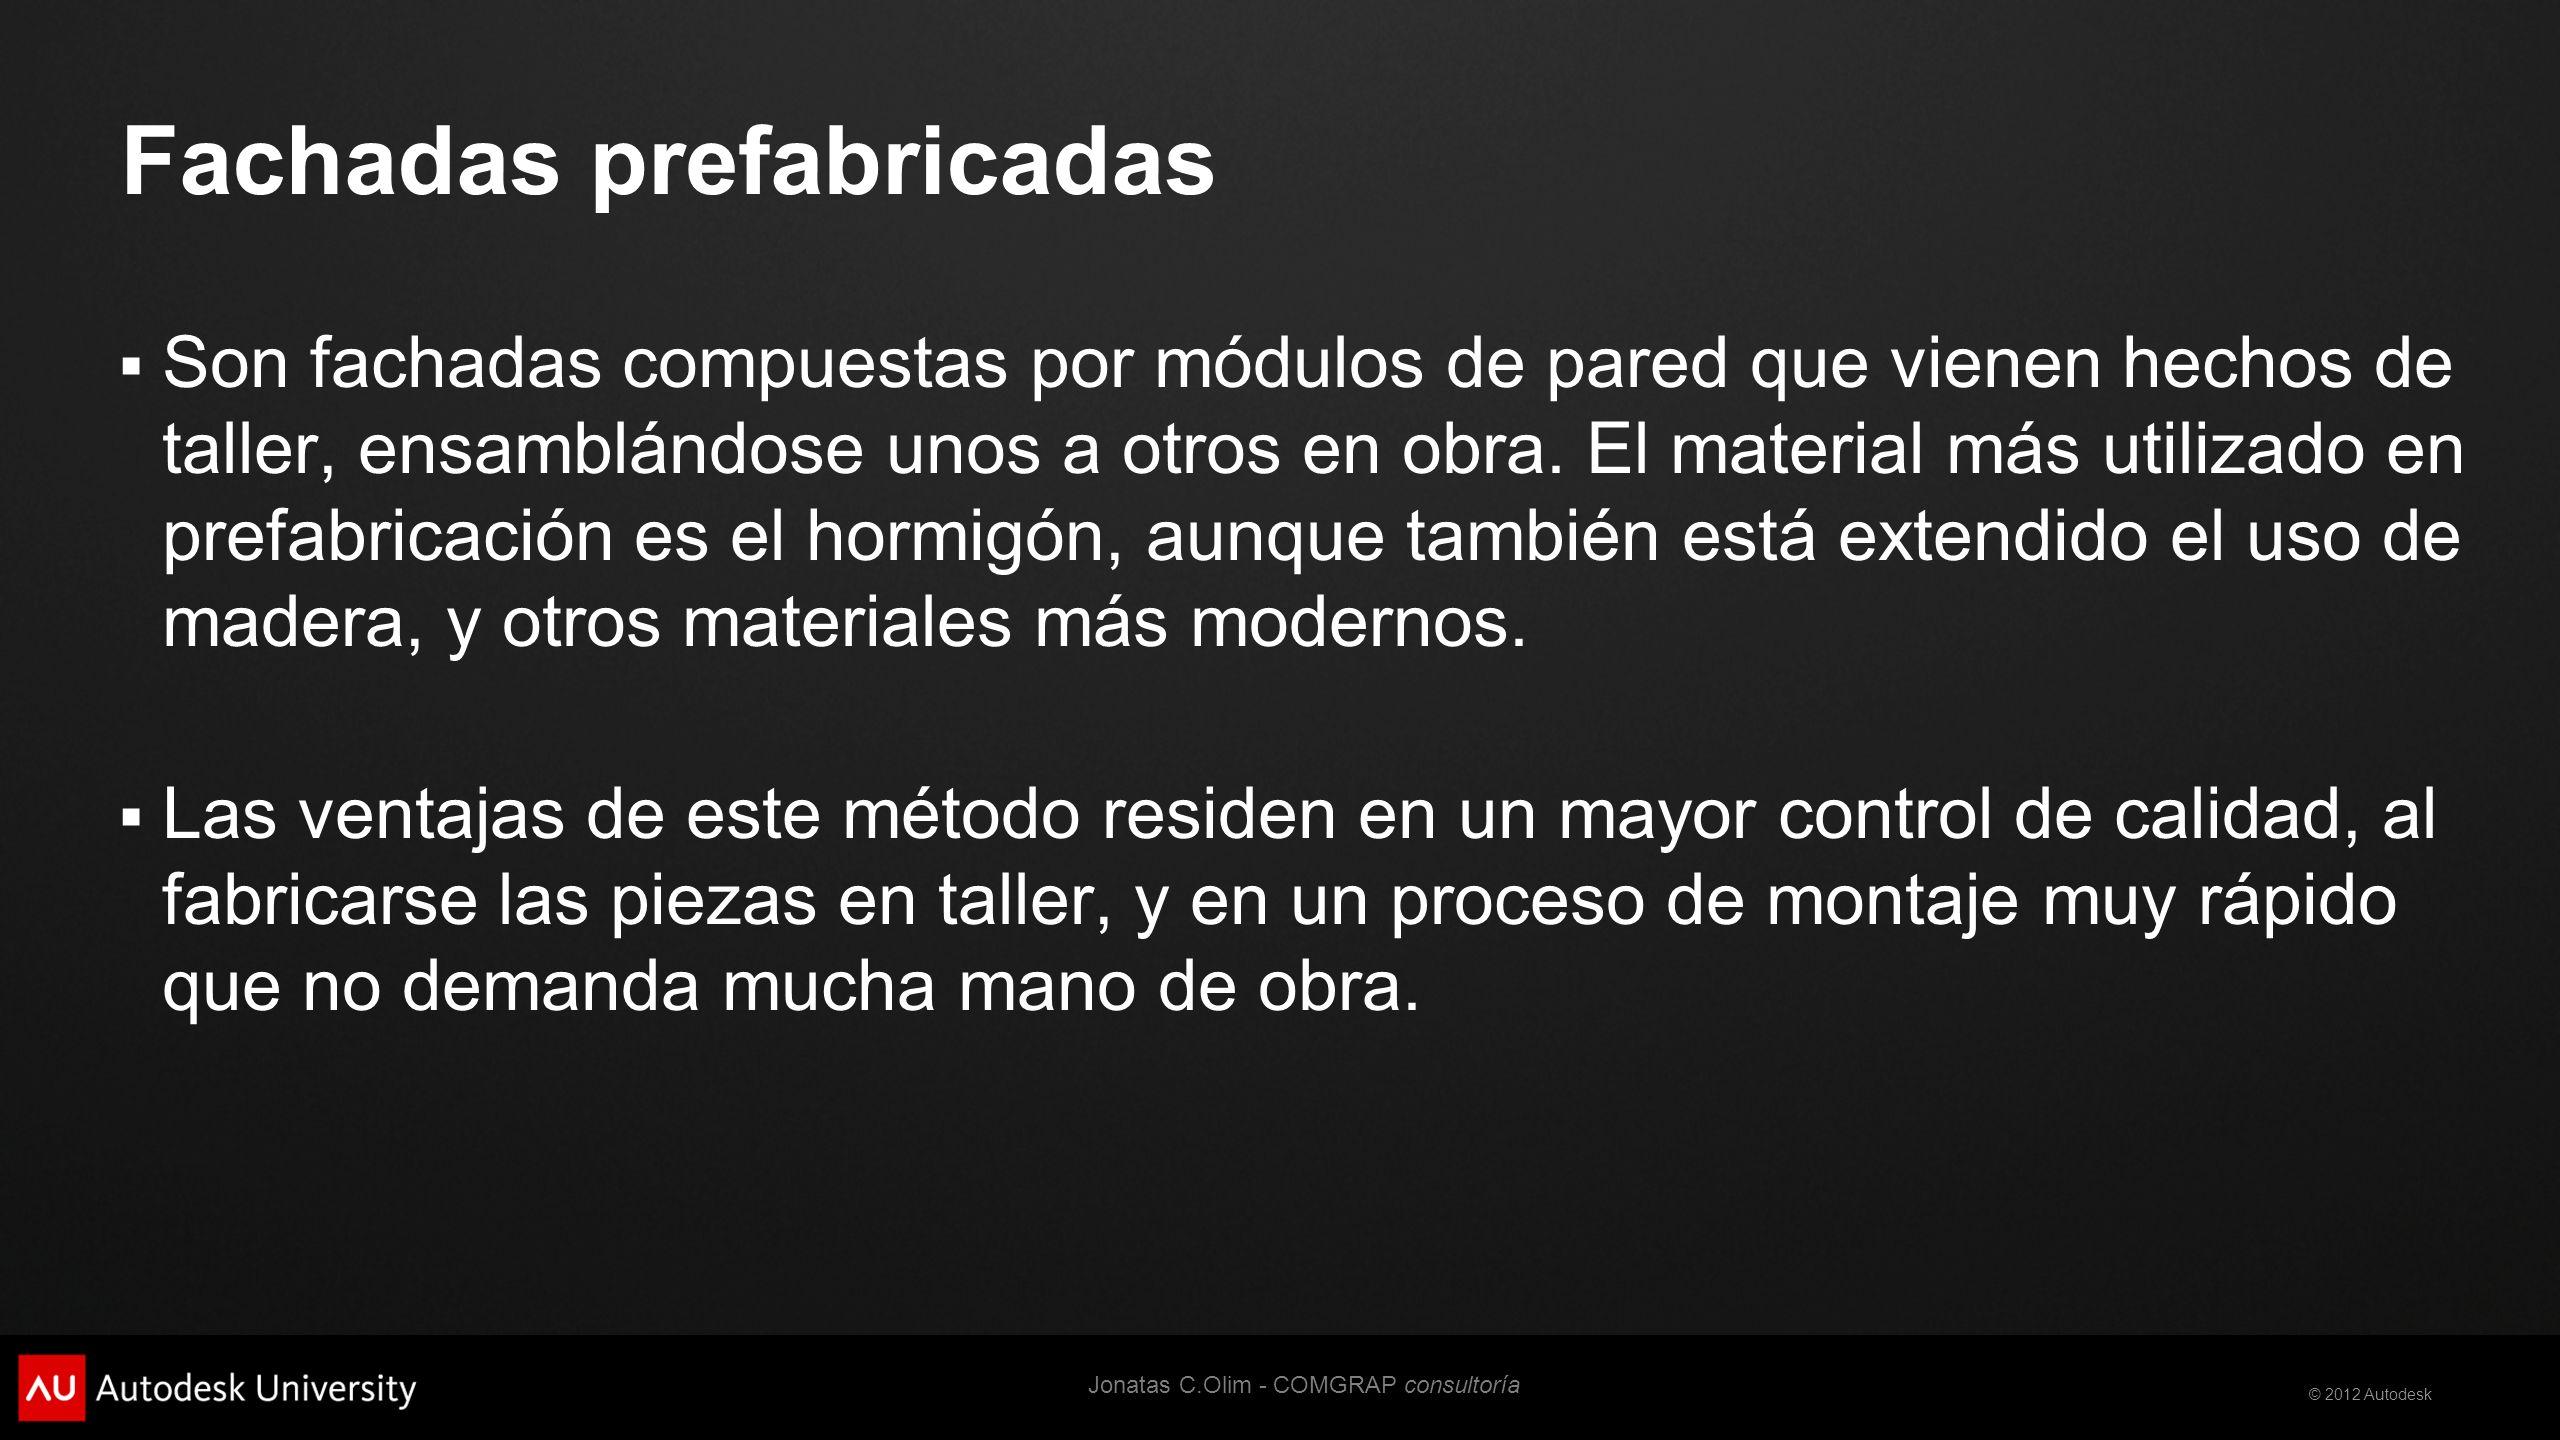 © 2012 Autodesk Panel prefabricado Ref. stamppfa.com.br Jonatas C.Olim - COMGRAP consultoría